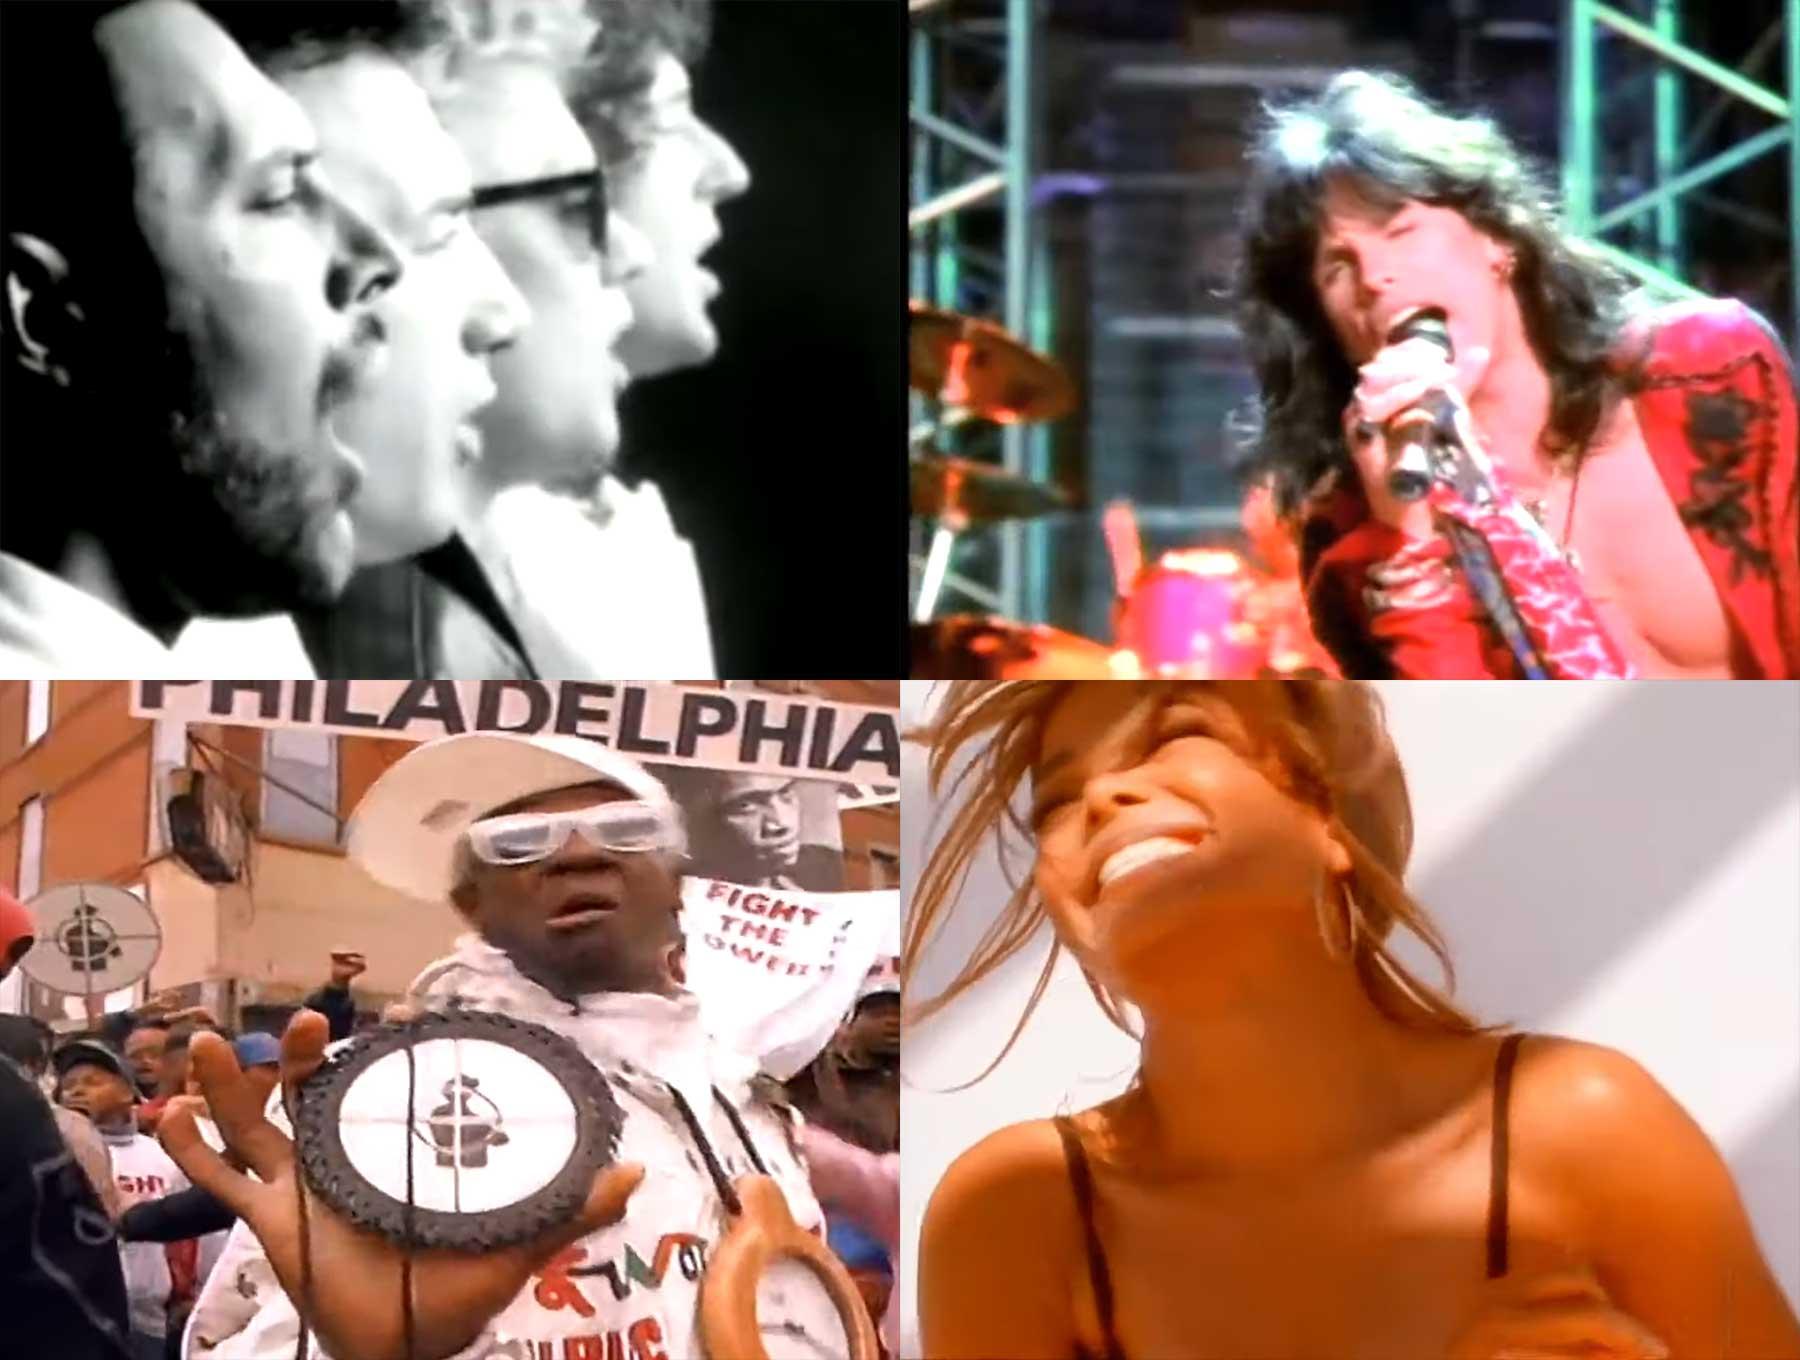 Mashup: Die 50 besten Songs des Jahres 1989 in 3 Minuten mashup-beste-songs-1989